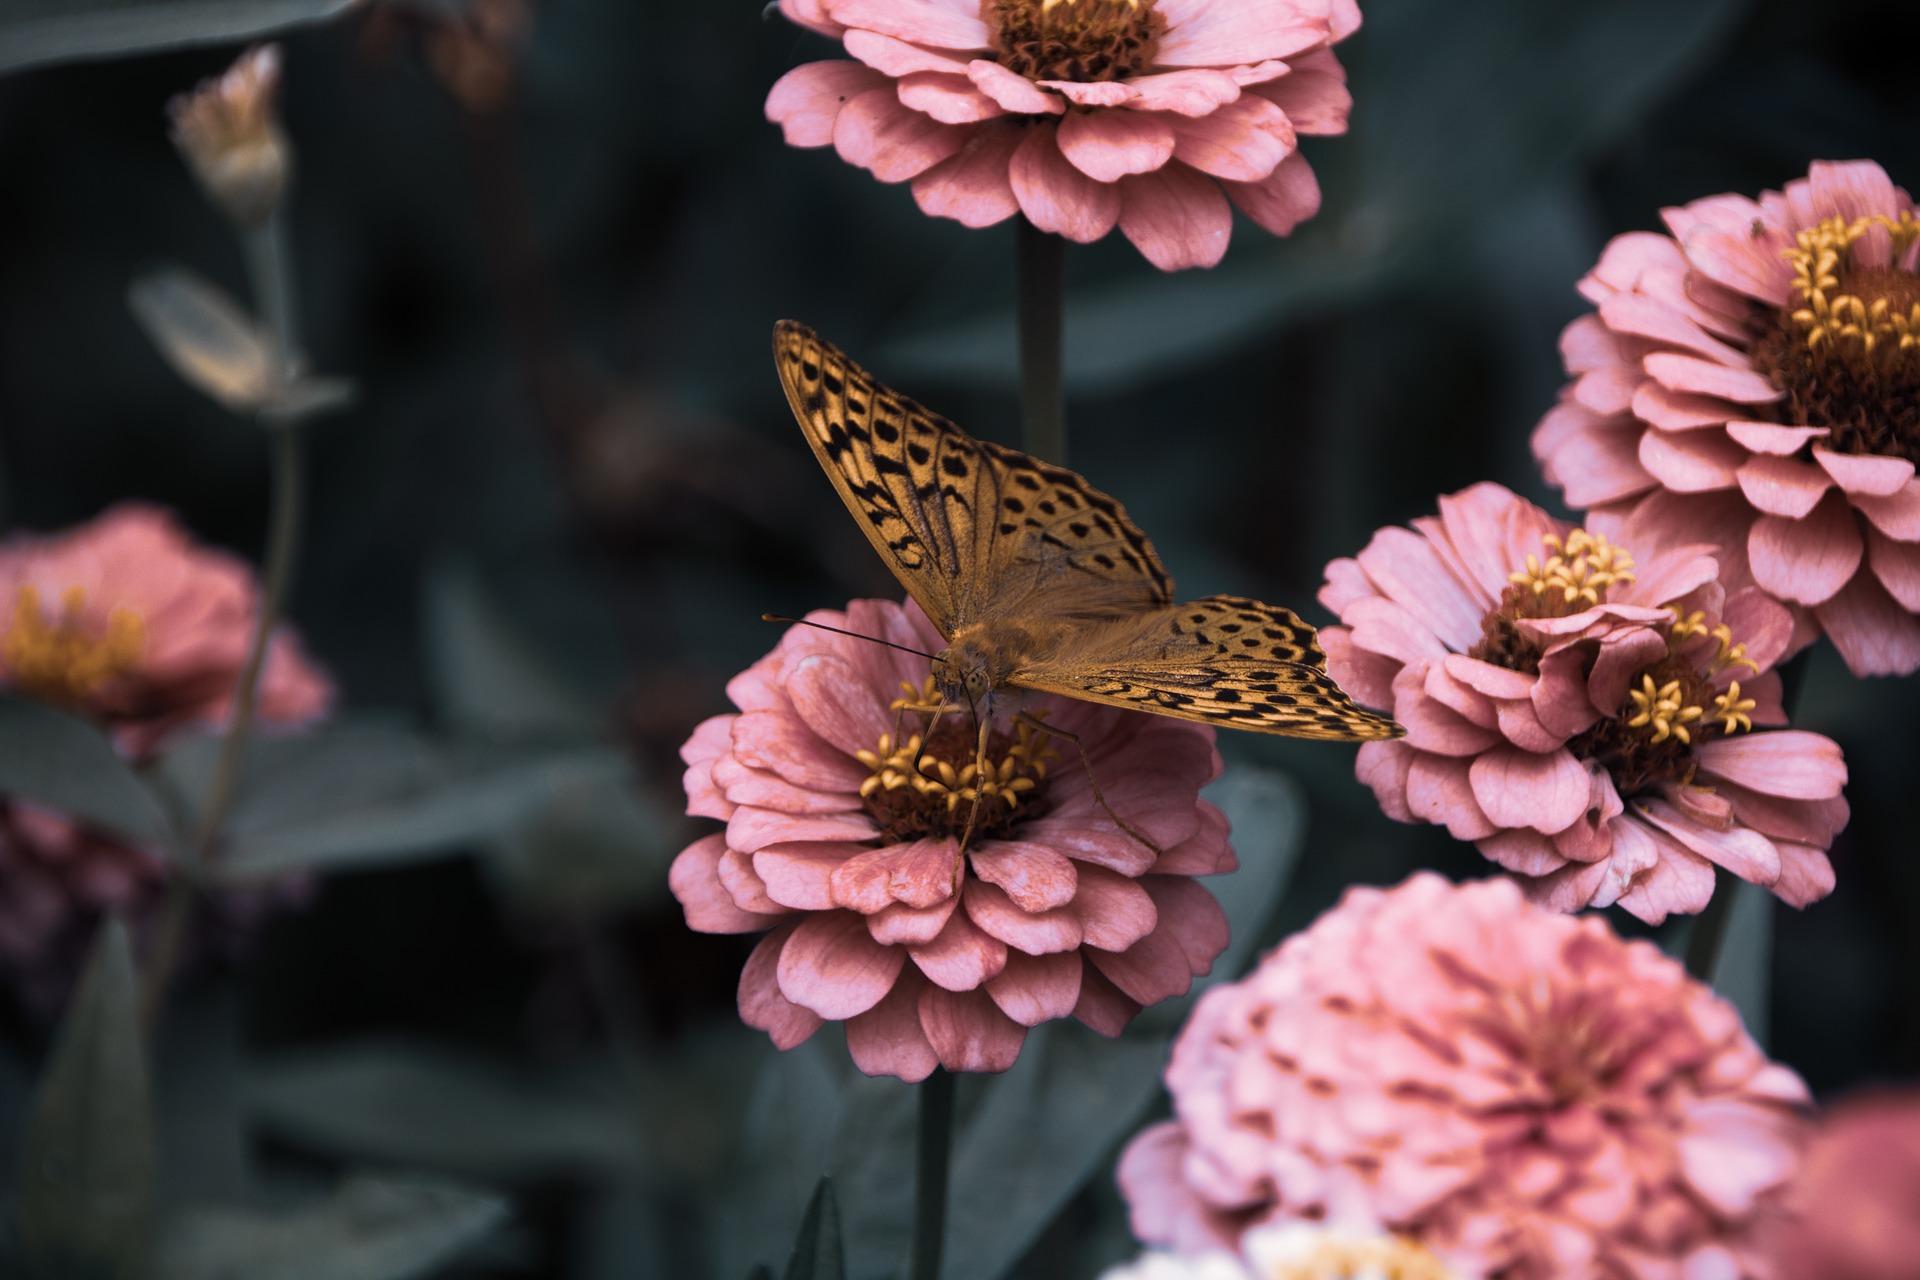 La tiroide: una farfalla con…cinquanta sfumature di rosa